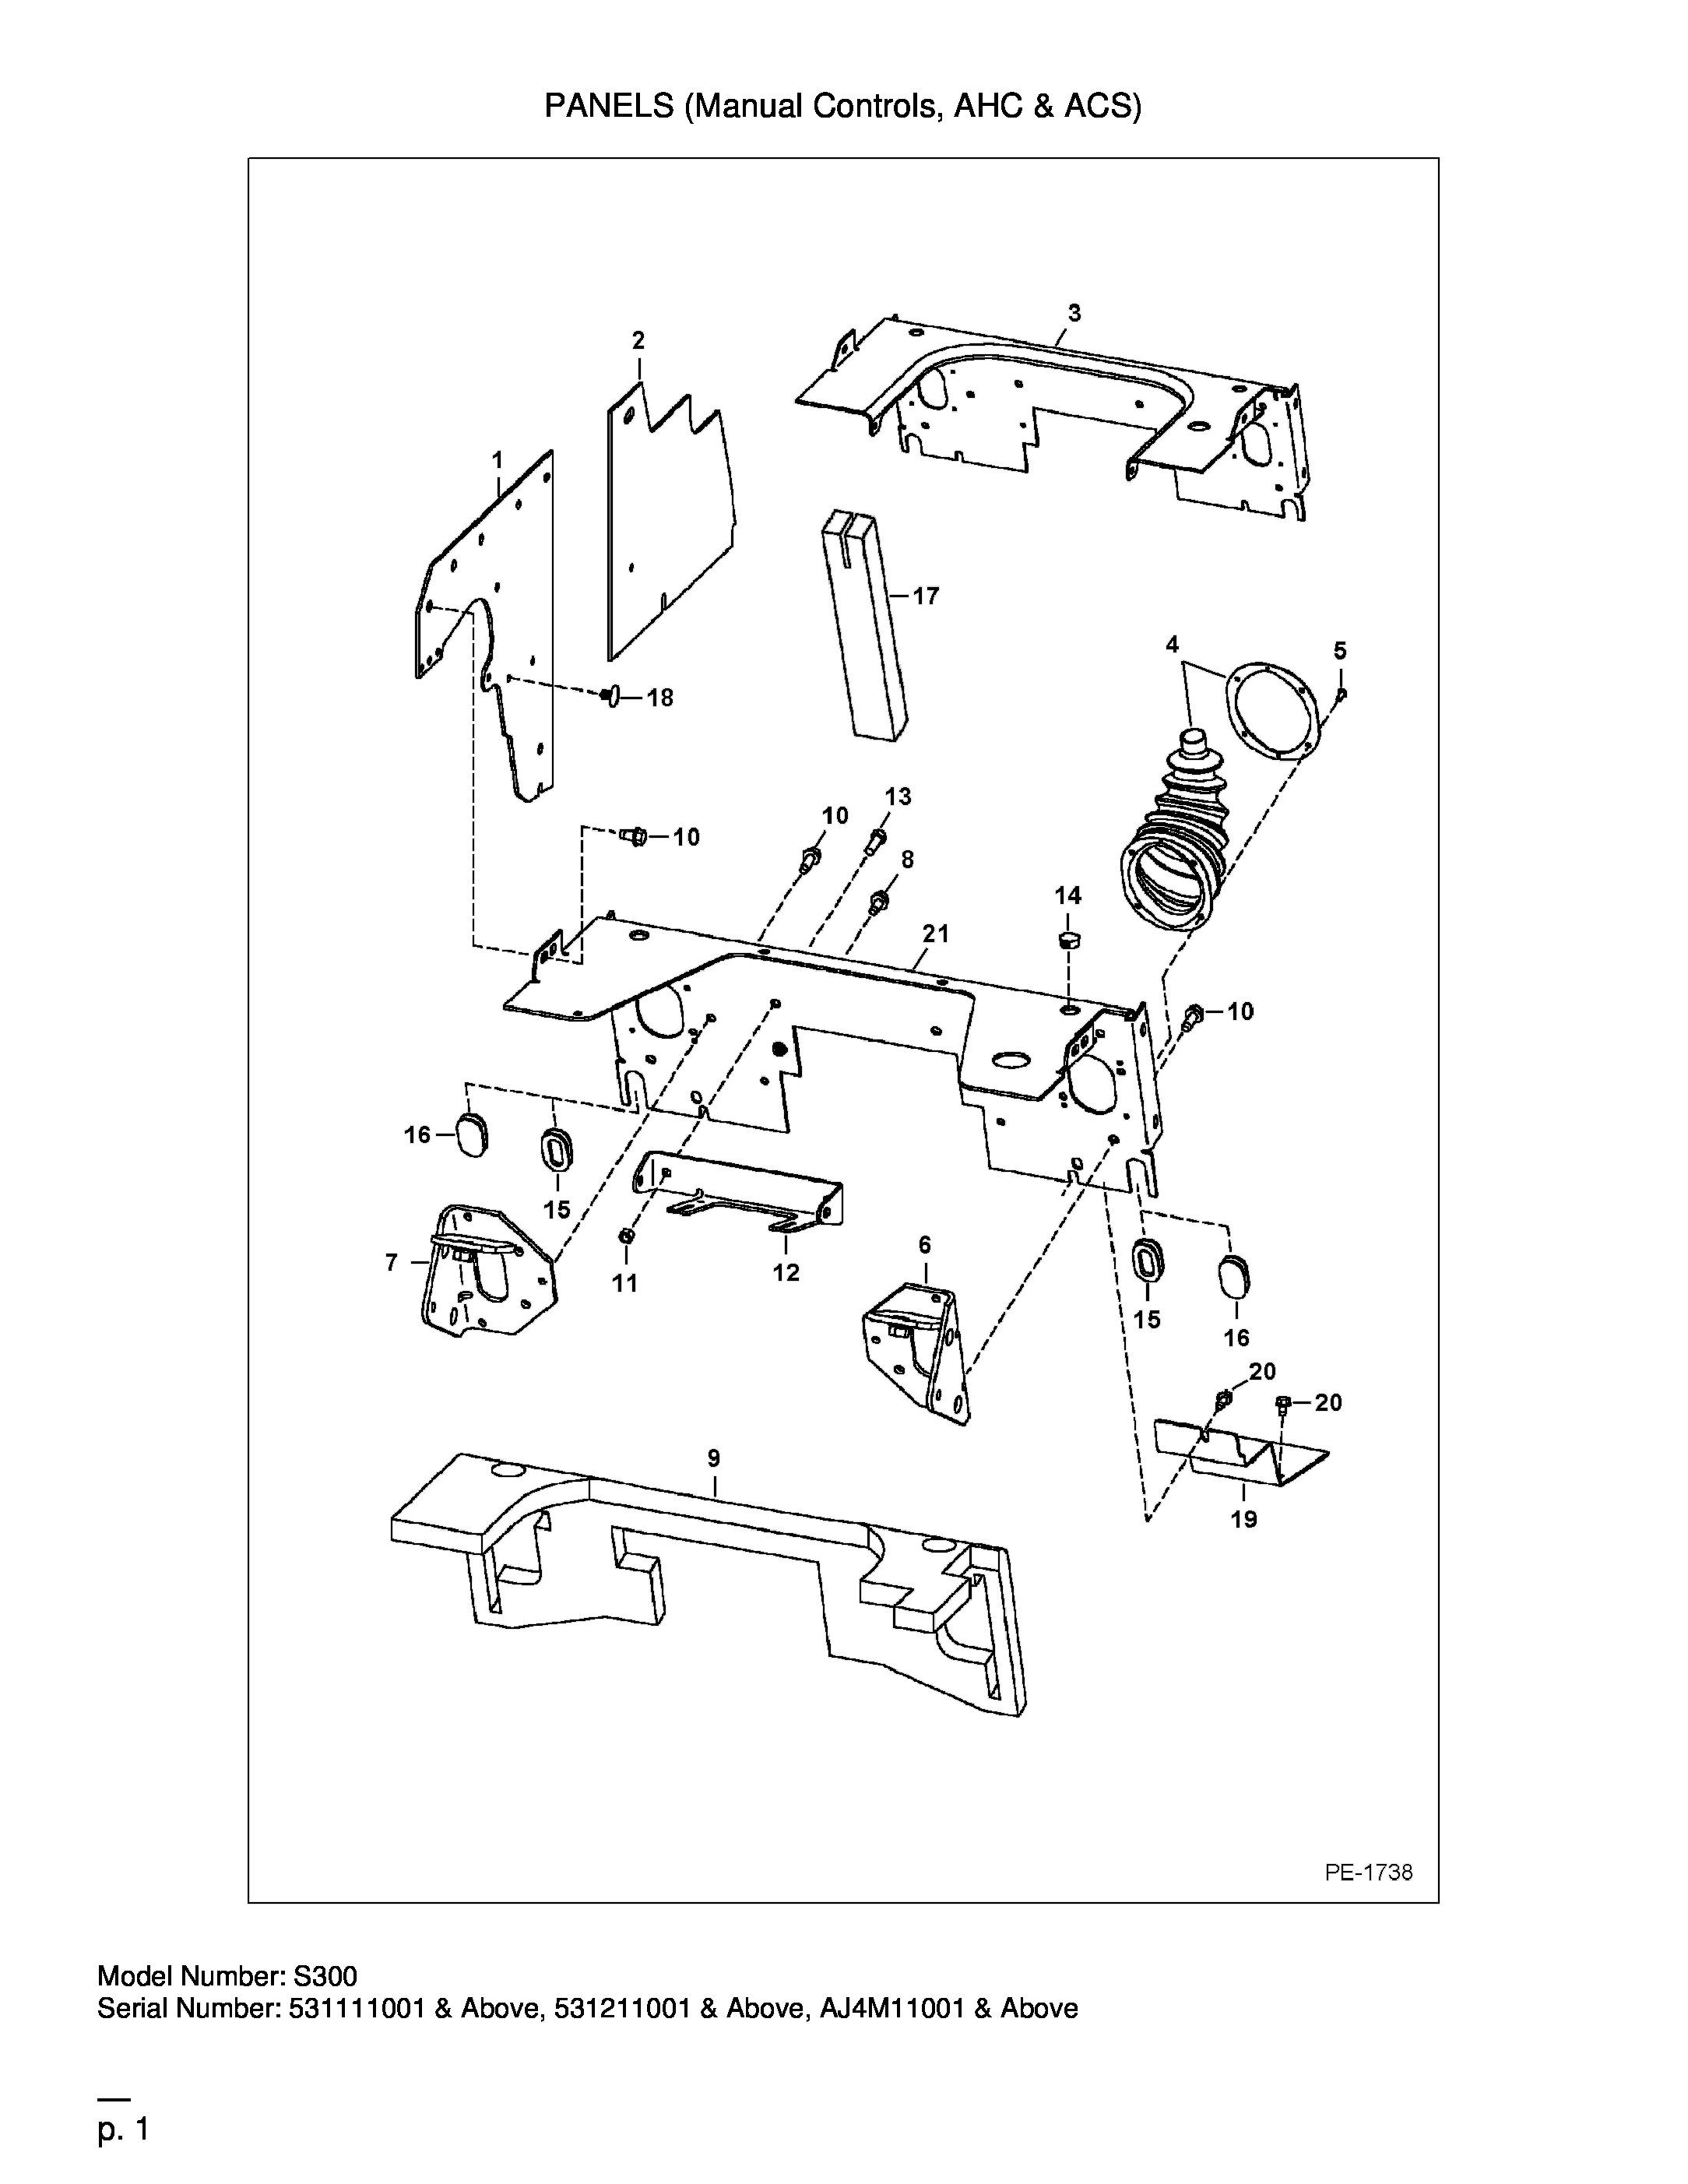 TABLEAU DE BORDS (Manual Controls, AHC & ACS)[712238